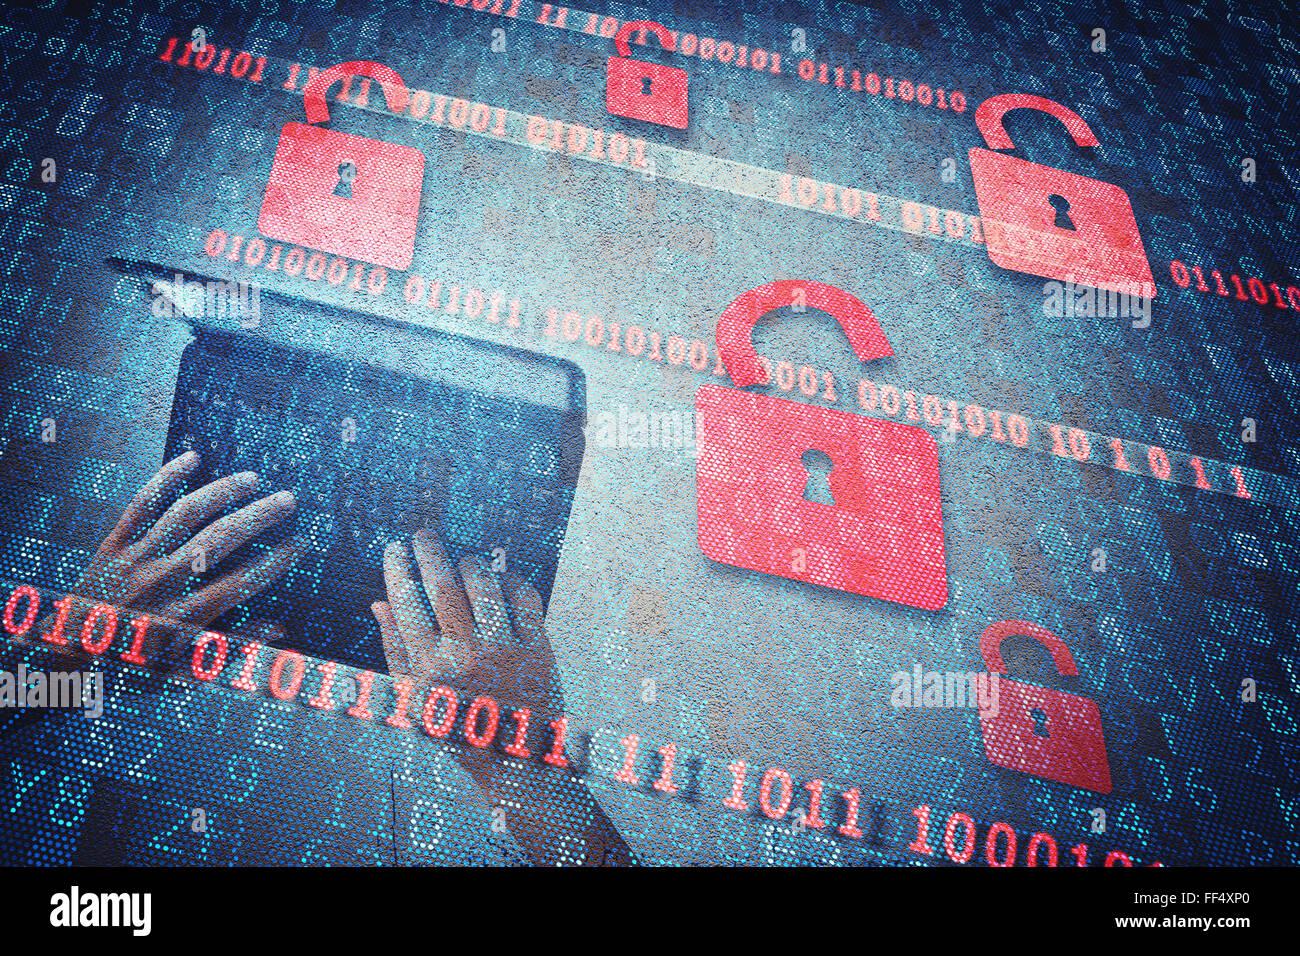 Security  padlock - Stock Image